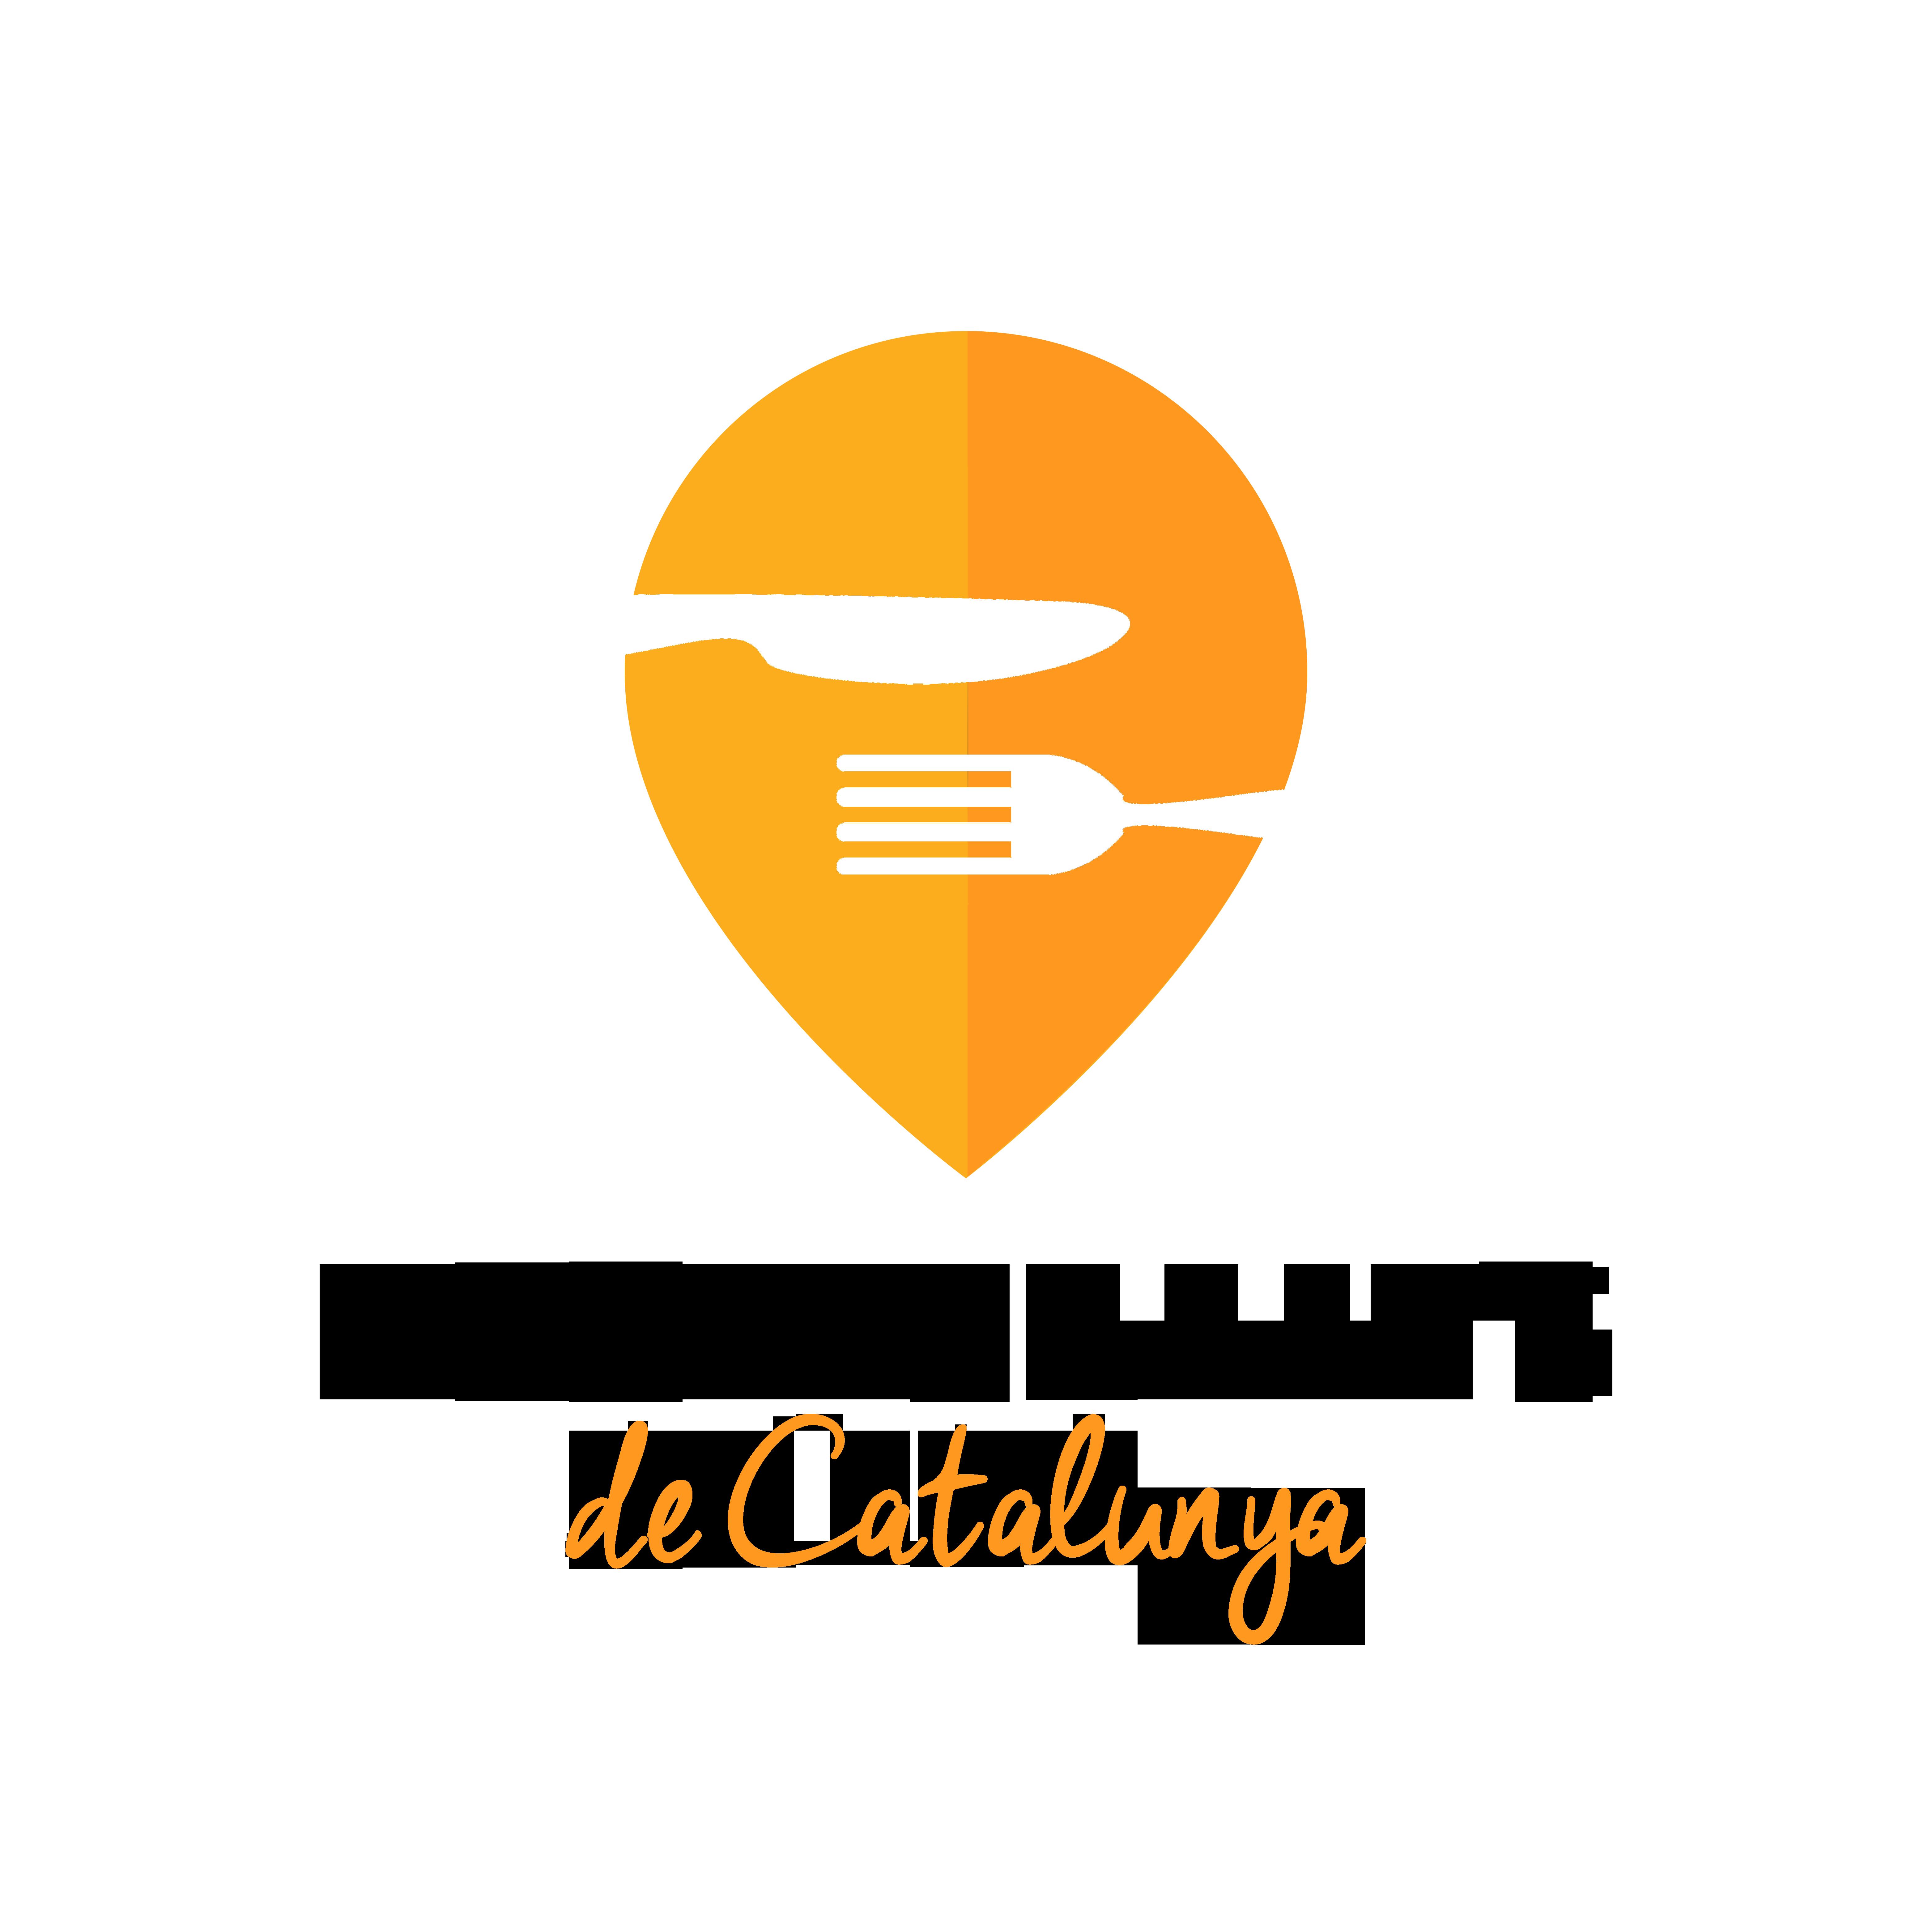 Restaurants de Catalunya